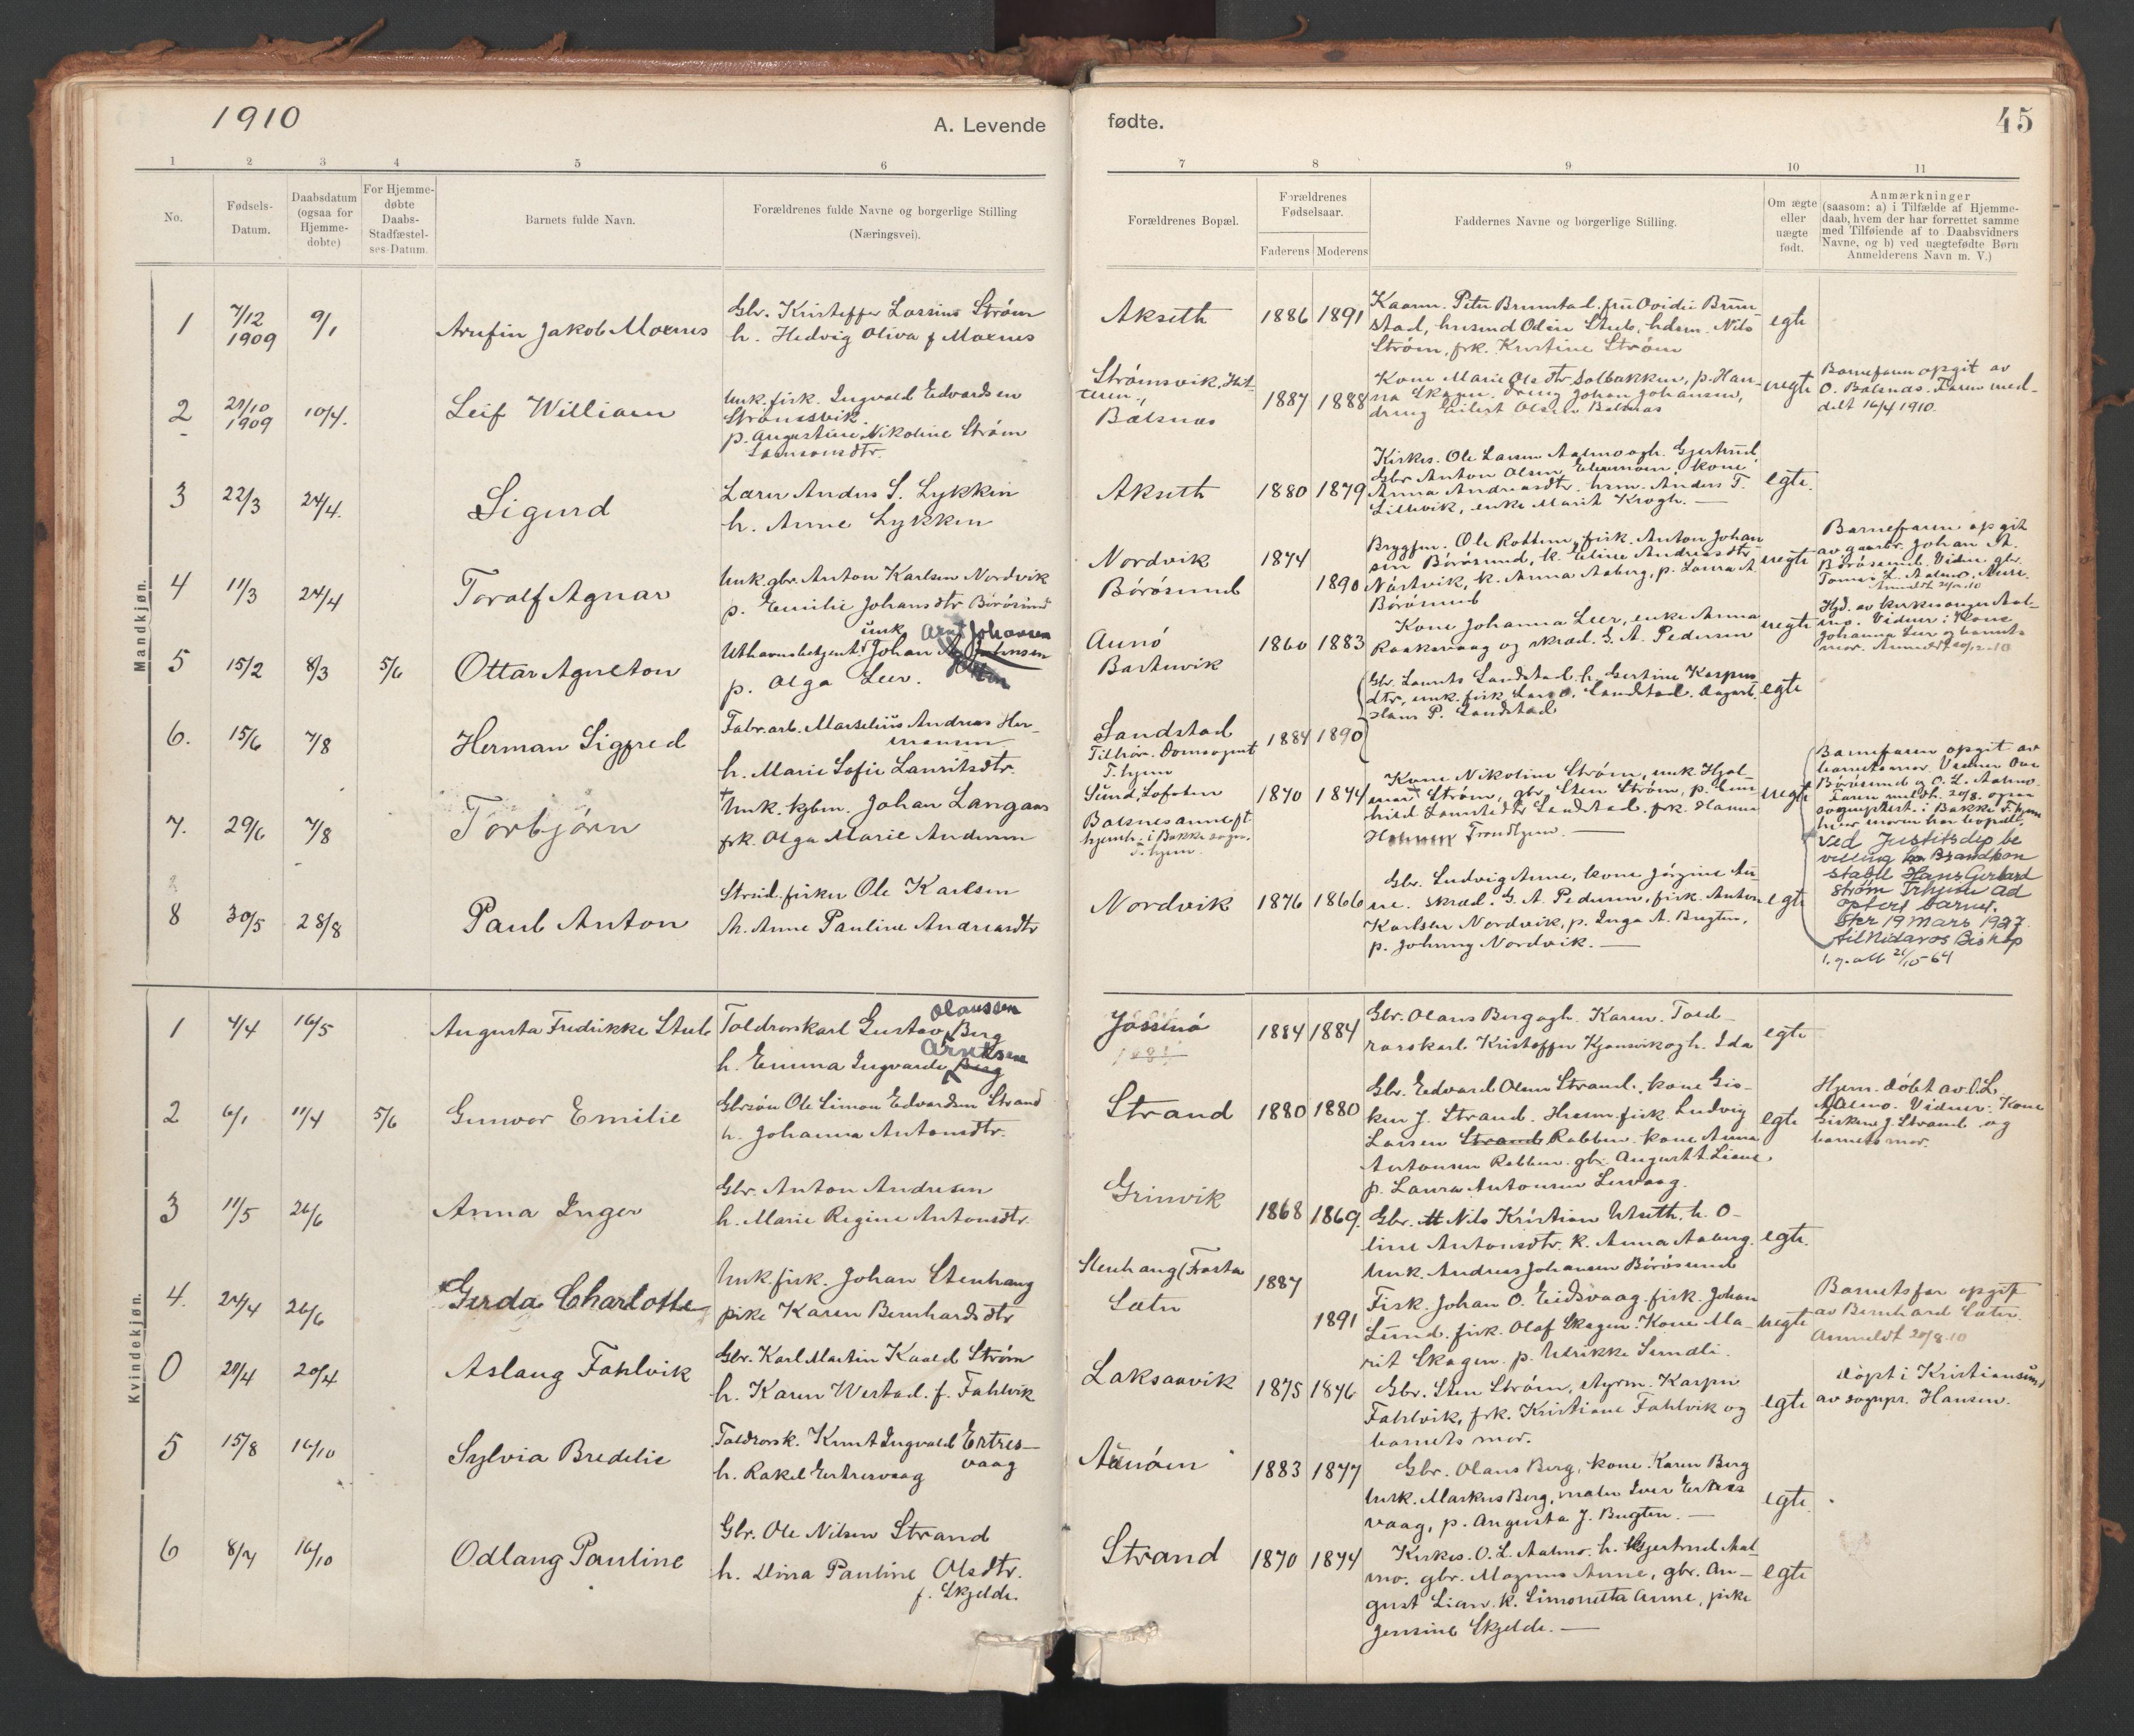 SAT, Ministerialprotokoller, klokkerbøker og fødselsregistre - Sør-Trøndelag, 639/L0572: Ministerialbok nr. 639A01, 1890-1920, s. 45